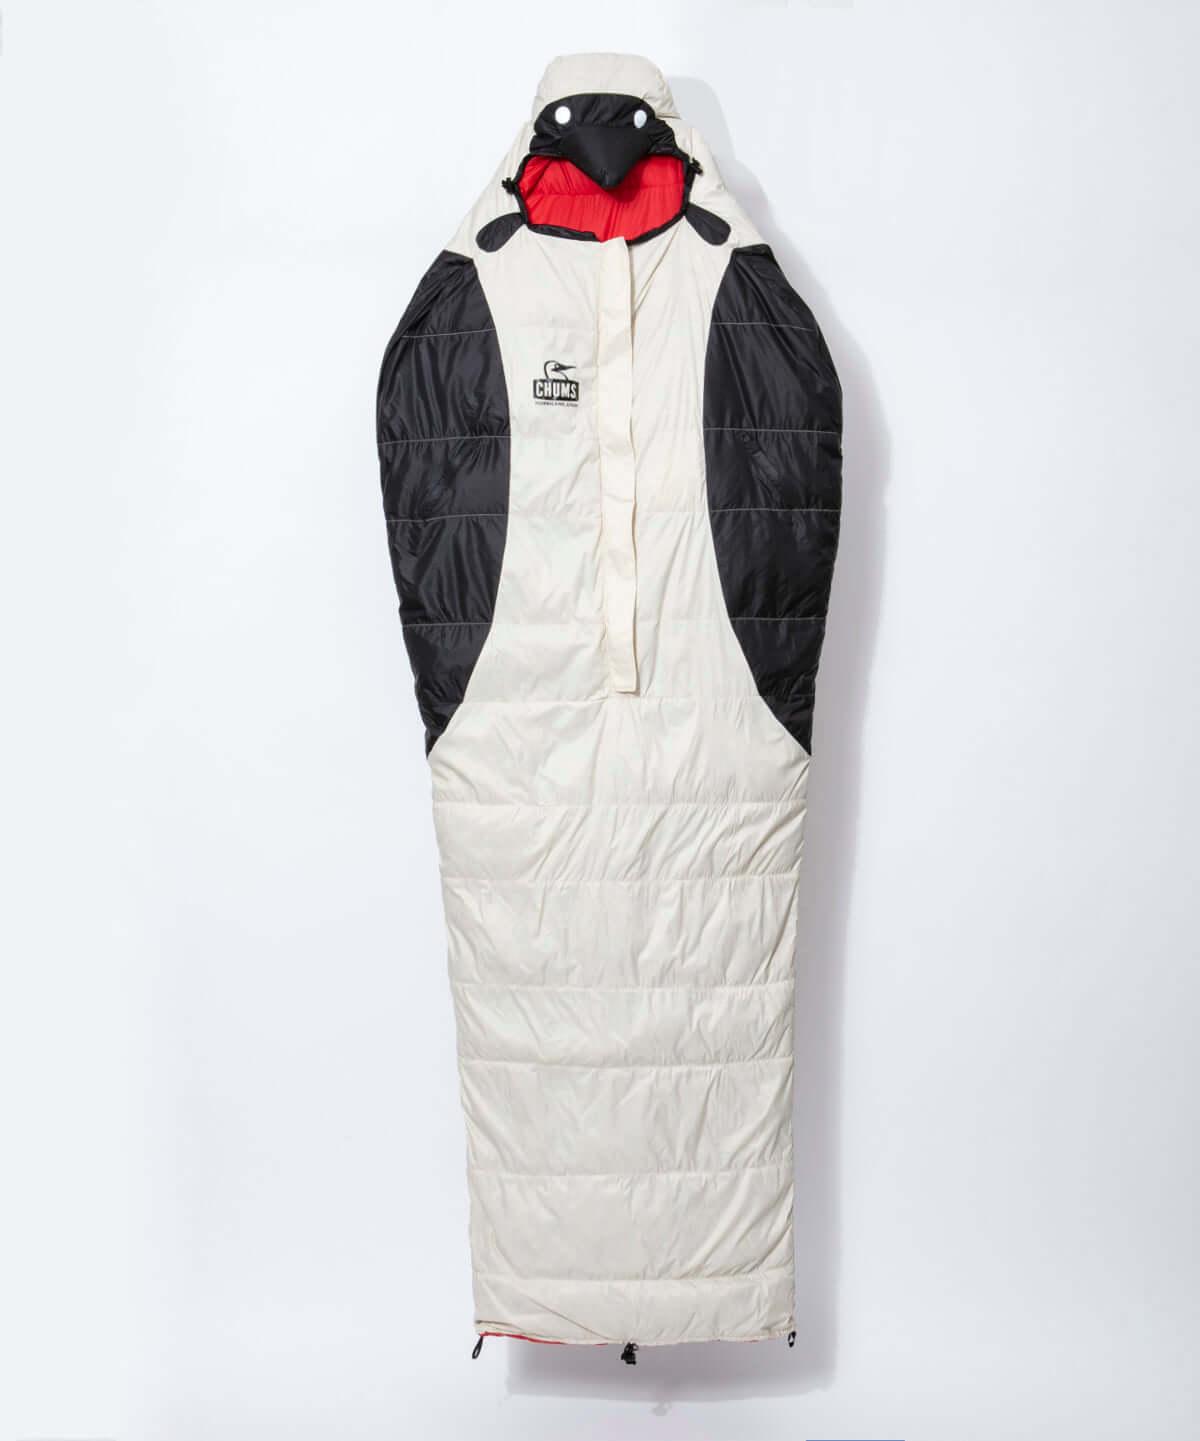 「CHUMS」待望の寝袋シリーズが発売|ブービーバードに変身できる寝袋が登場 life190318_chums_1-1200x1441